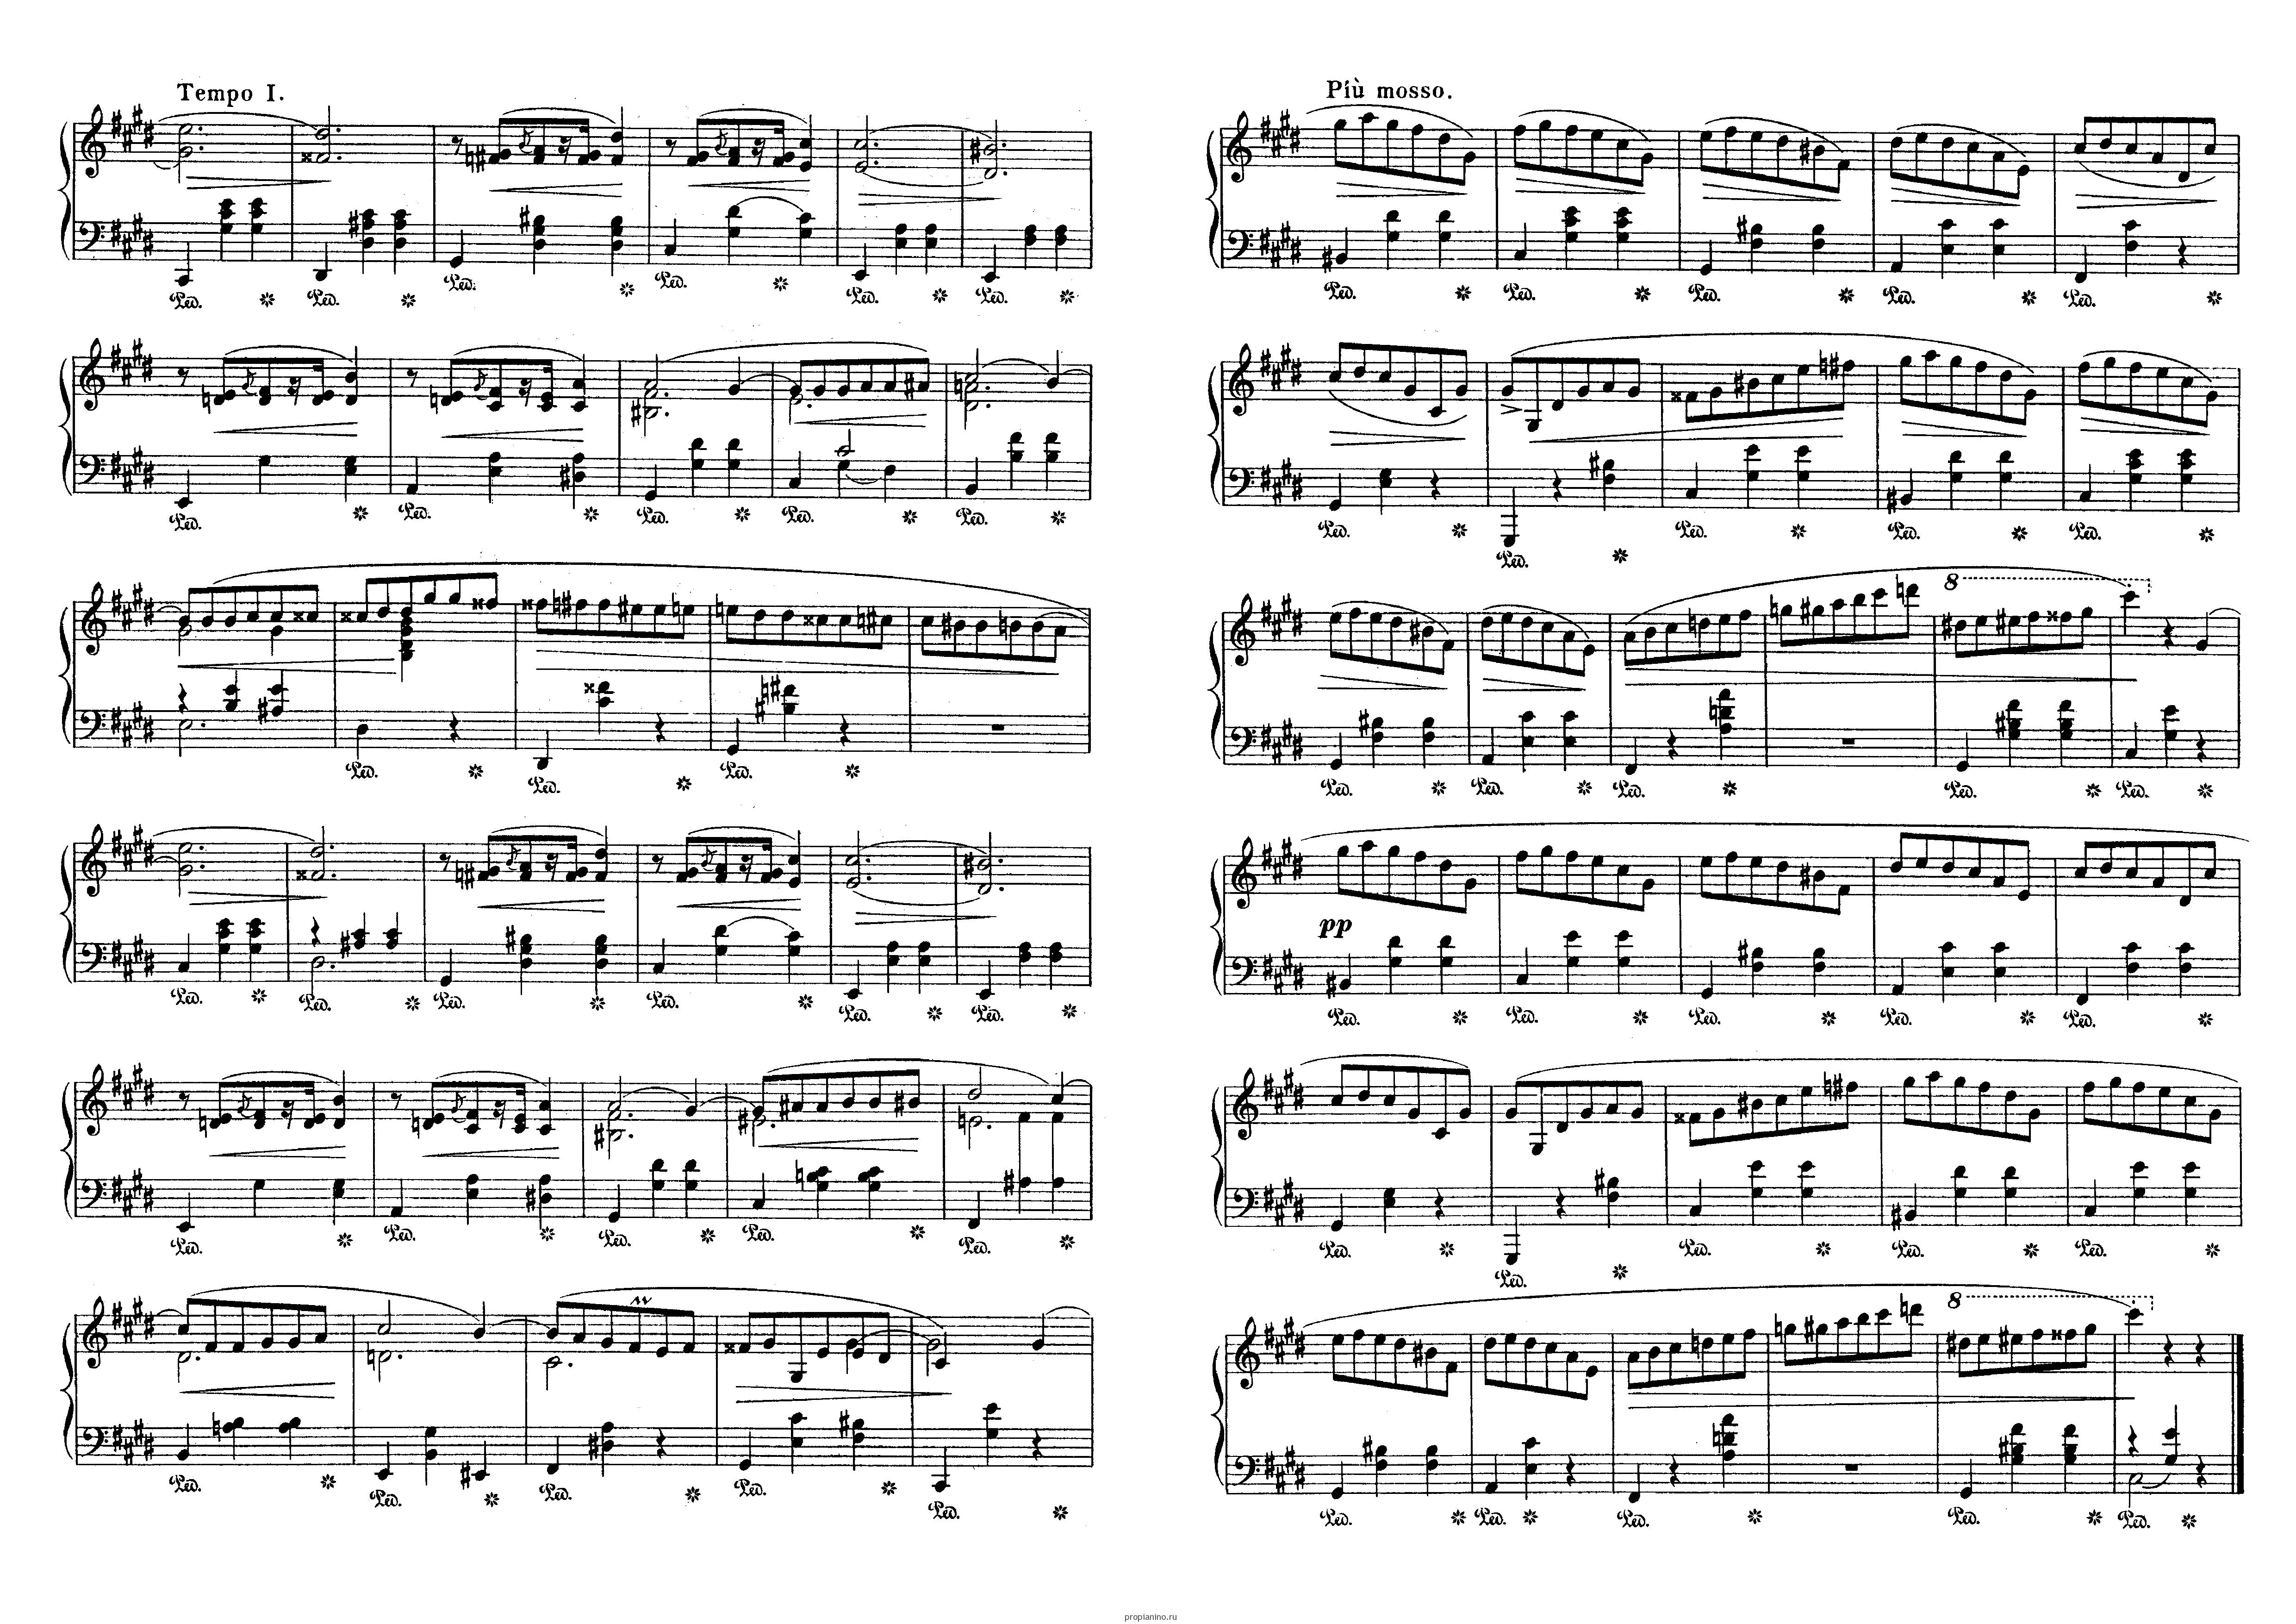 Фредерик шопен поль де сенневиль ноты.